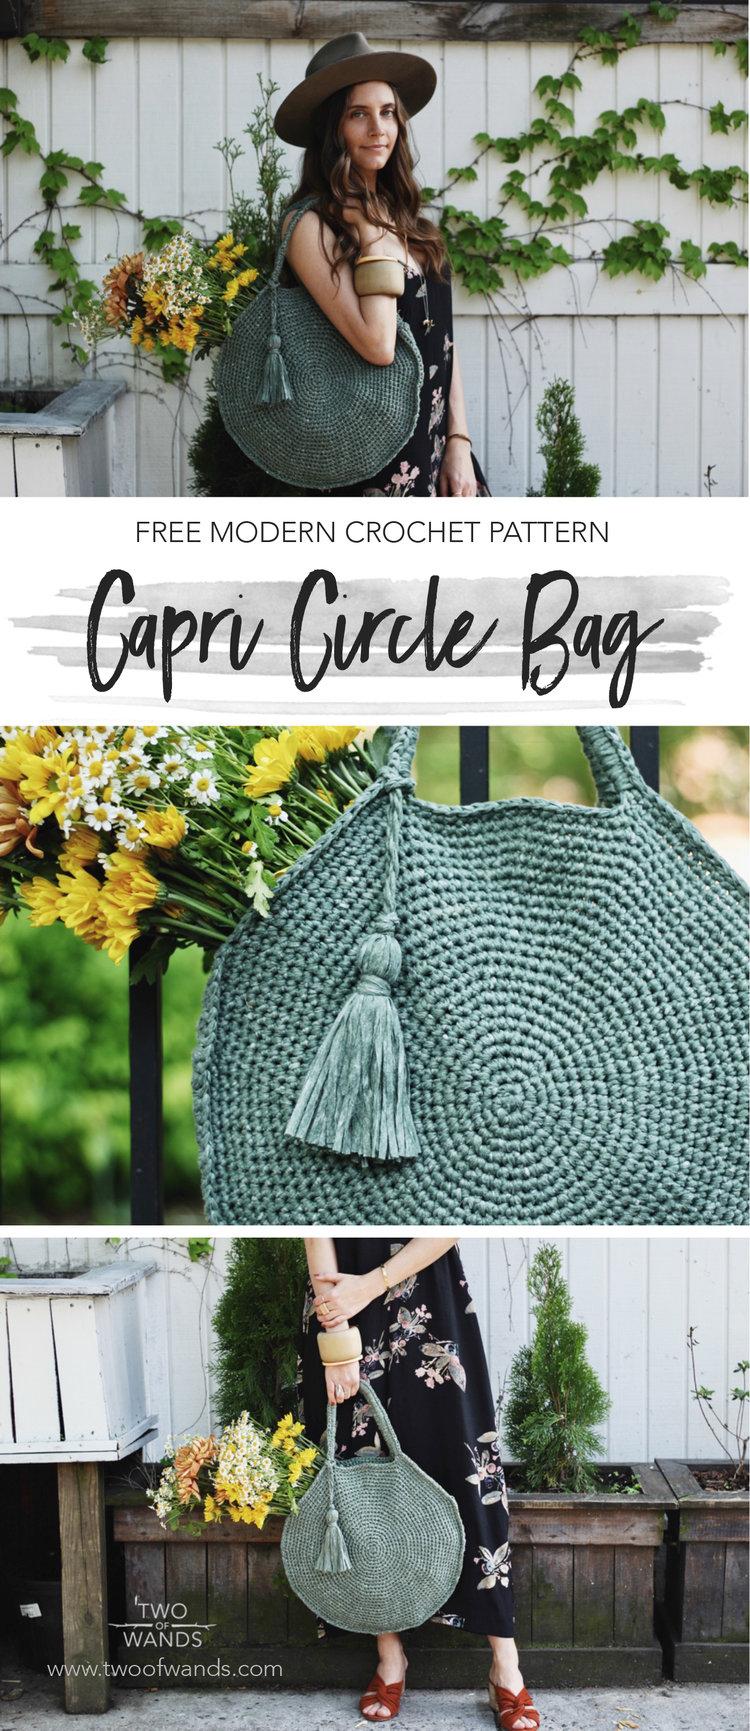 Capri Circle Bag Two Of Wands